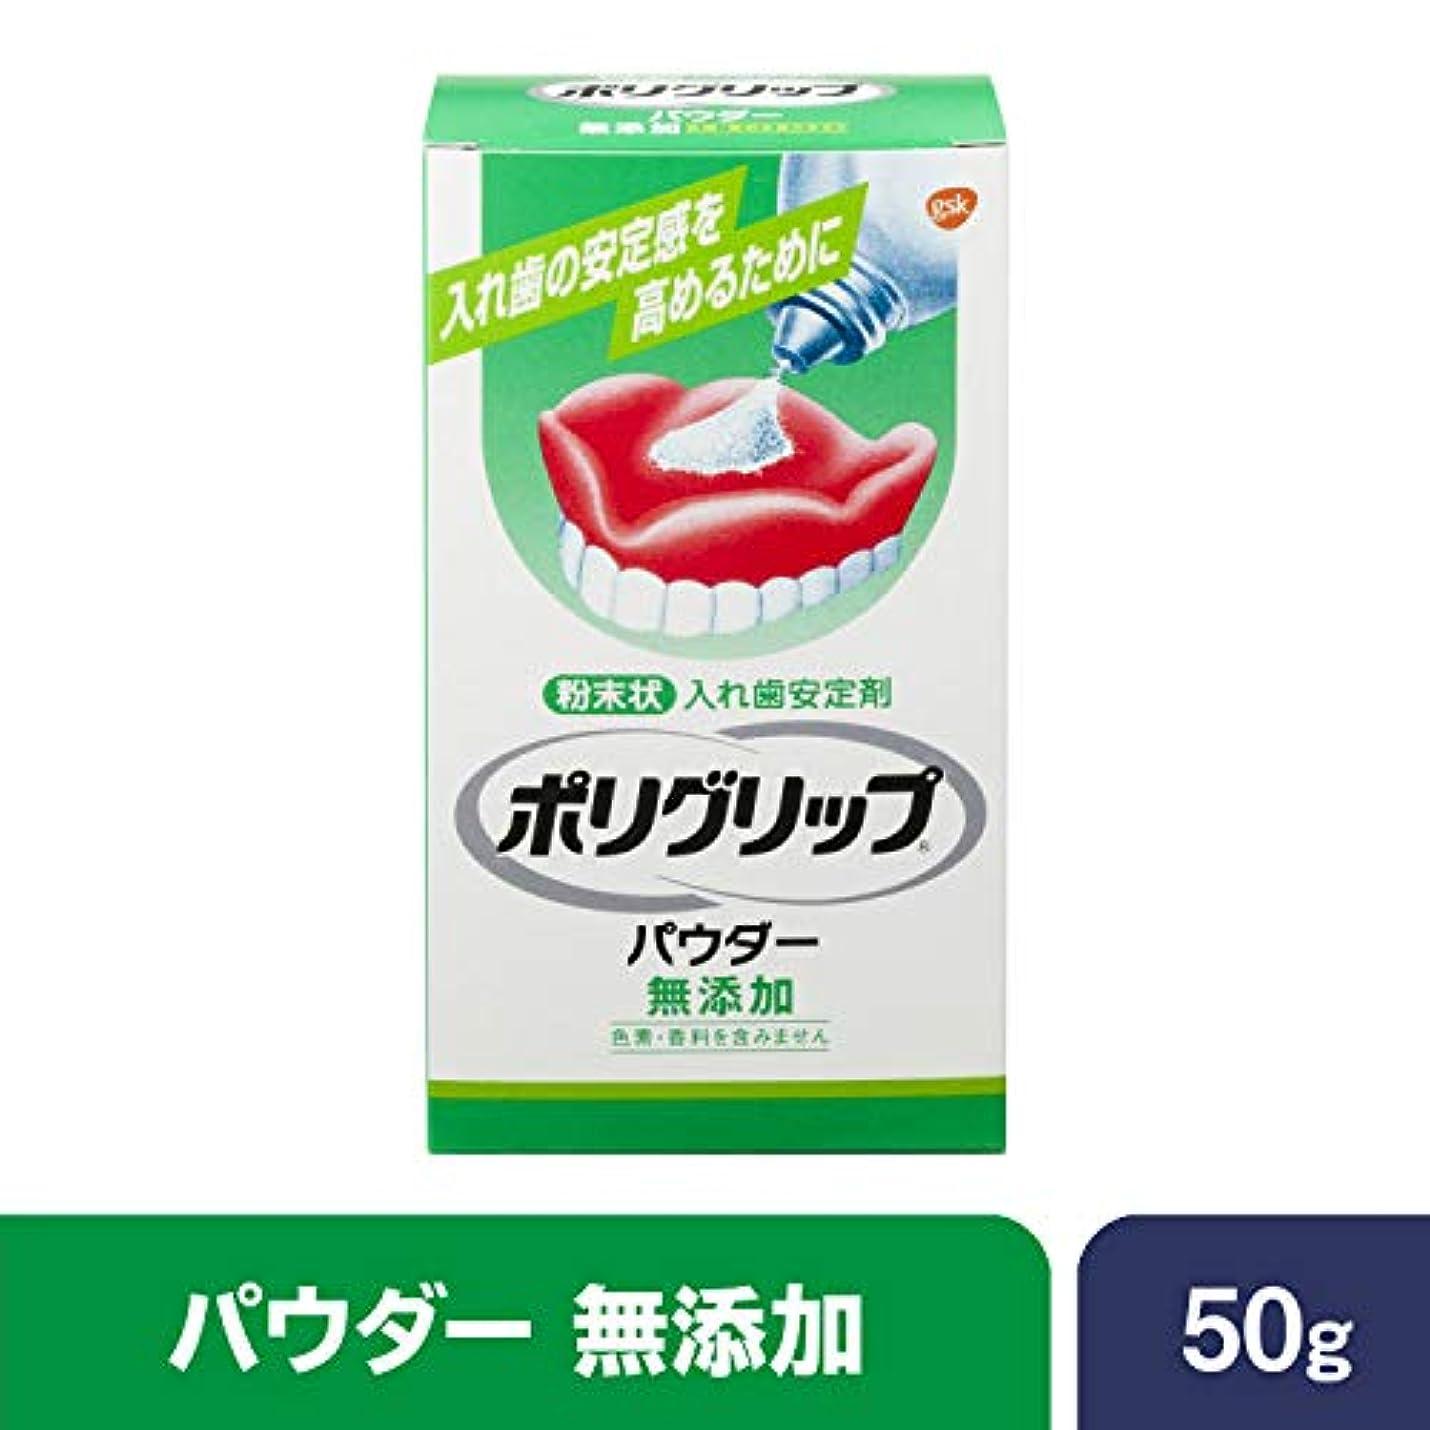 式粗い敬意を表する入れ歯安定剤 ポリグリップ パウダー無添加 50g